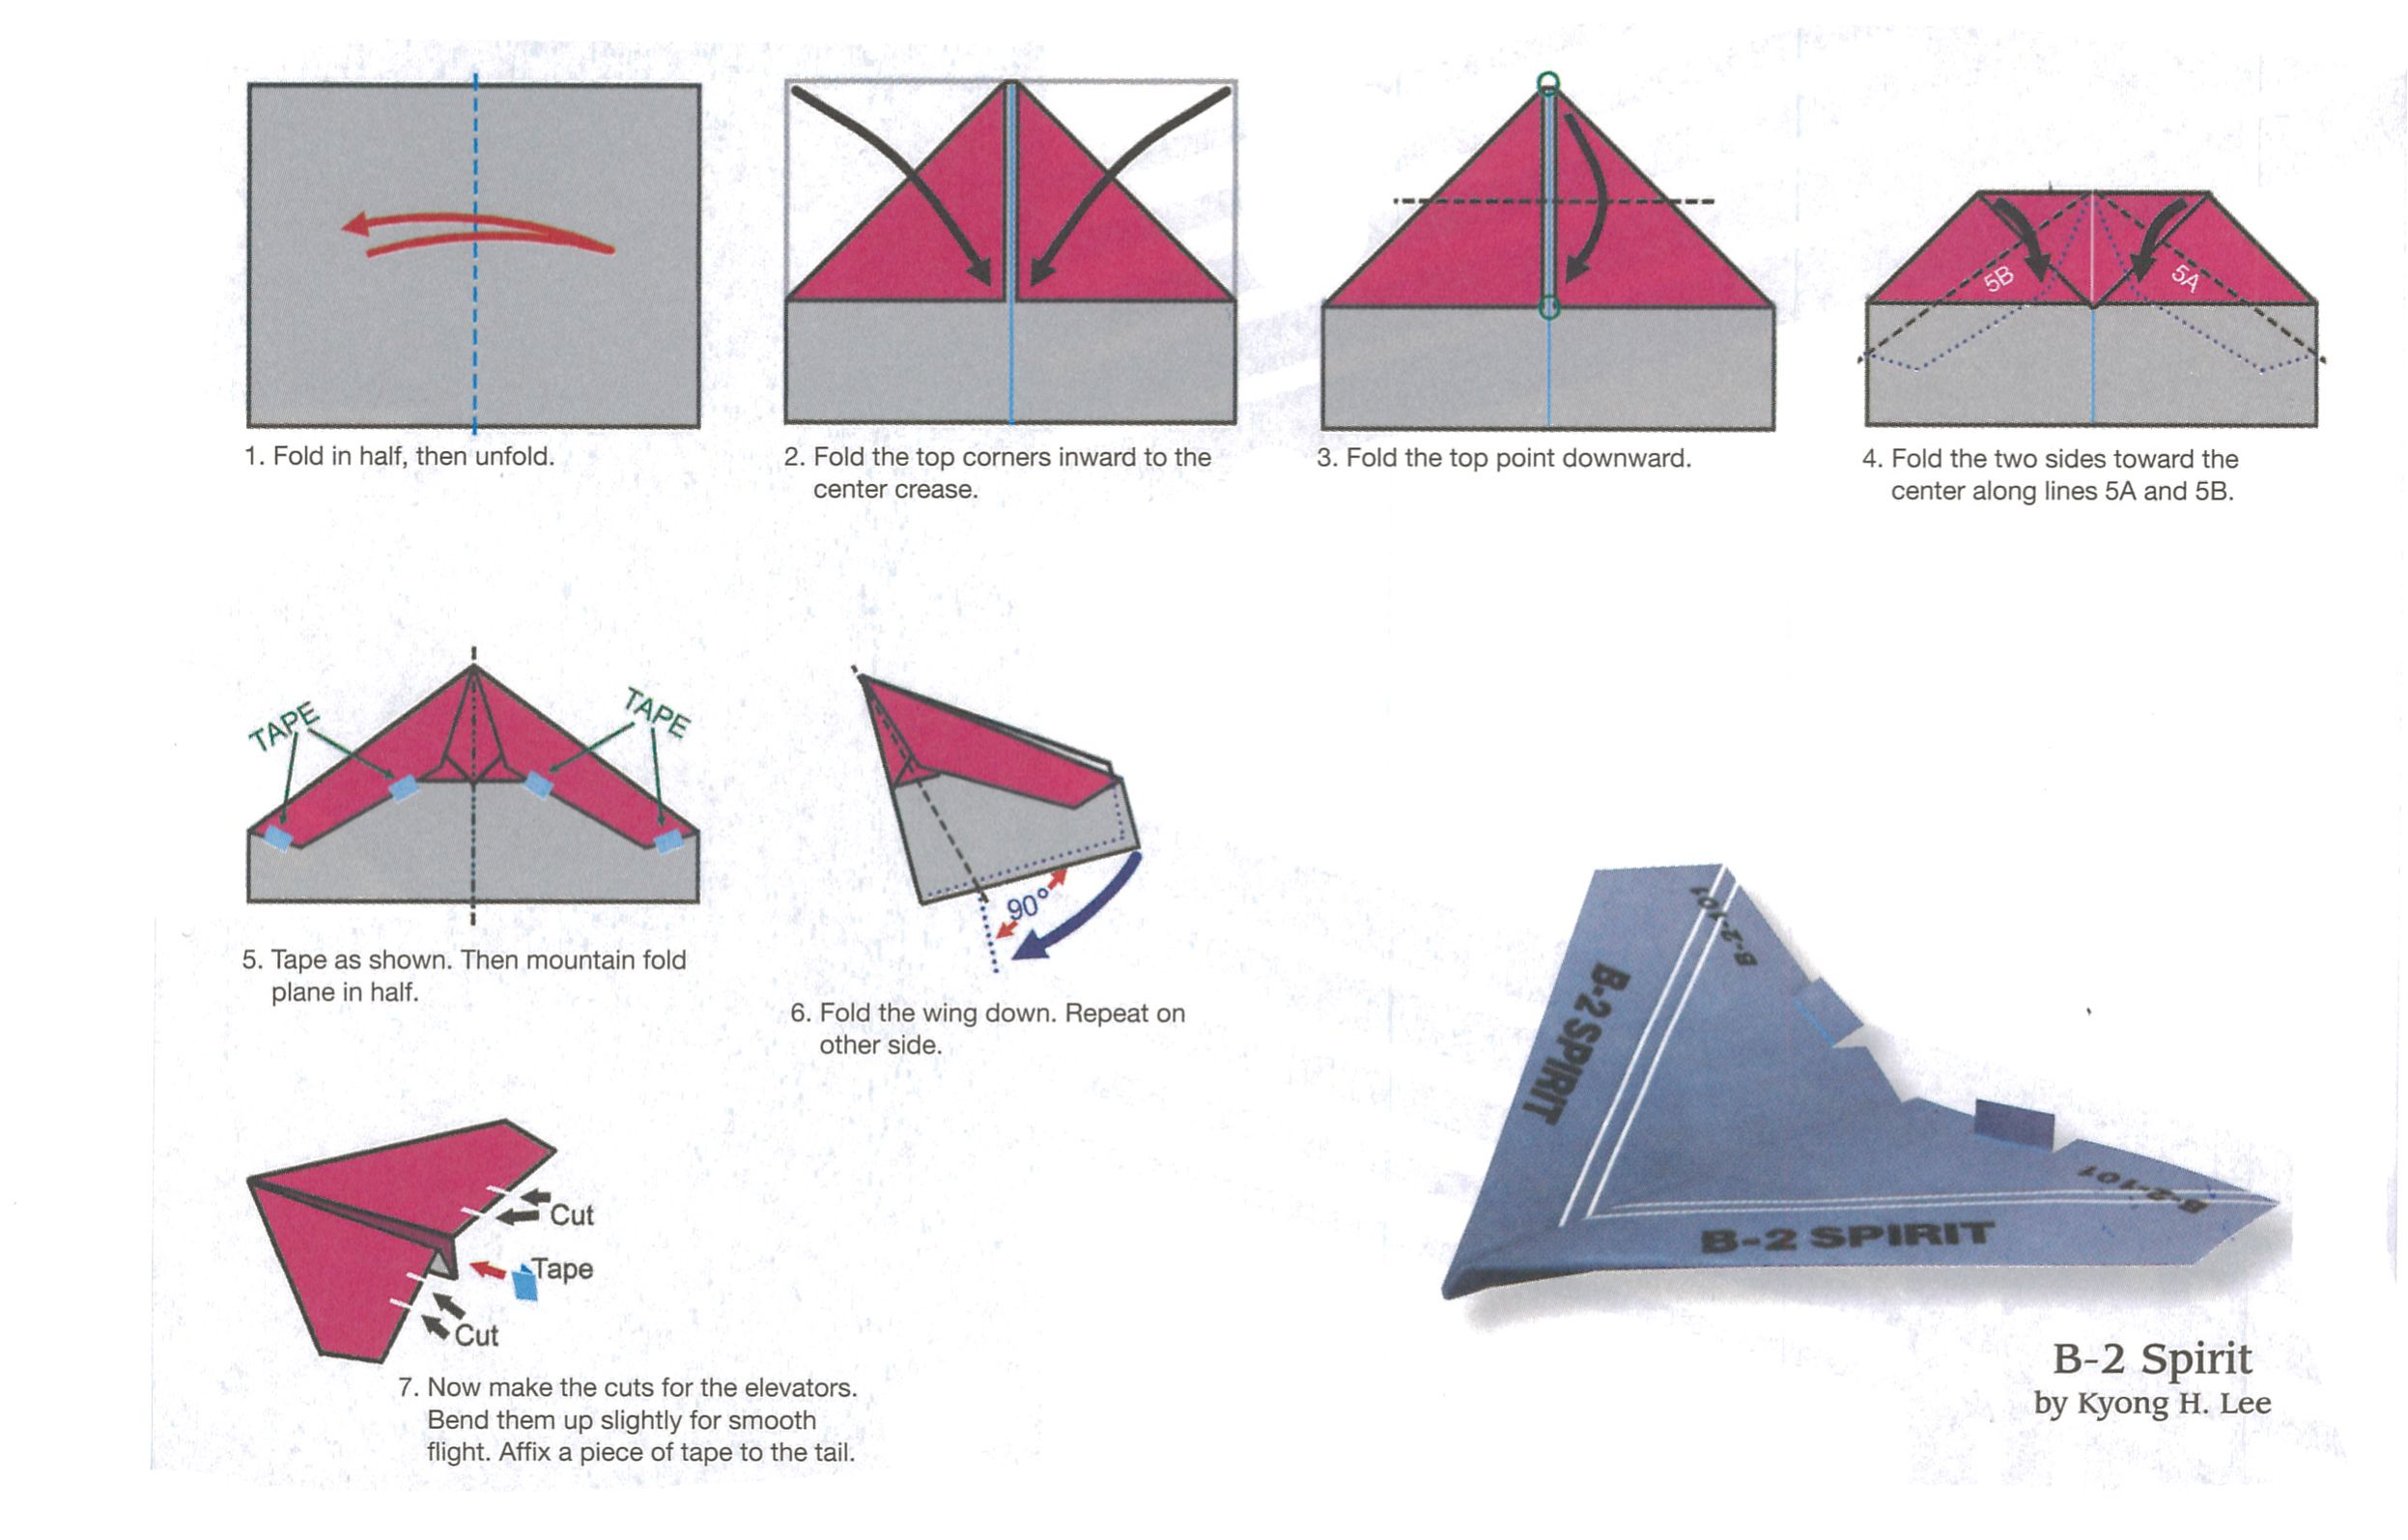 Как сделать из бумаги самолет который летает 100 метров поэтапно фото